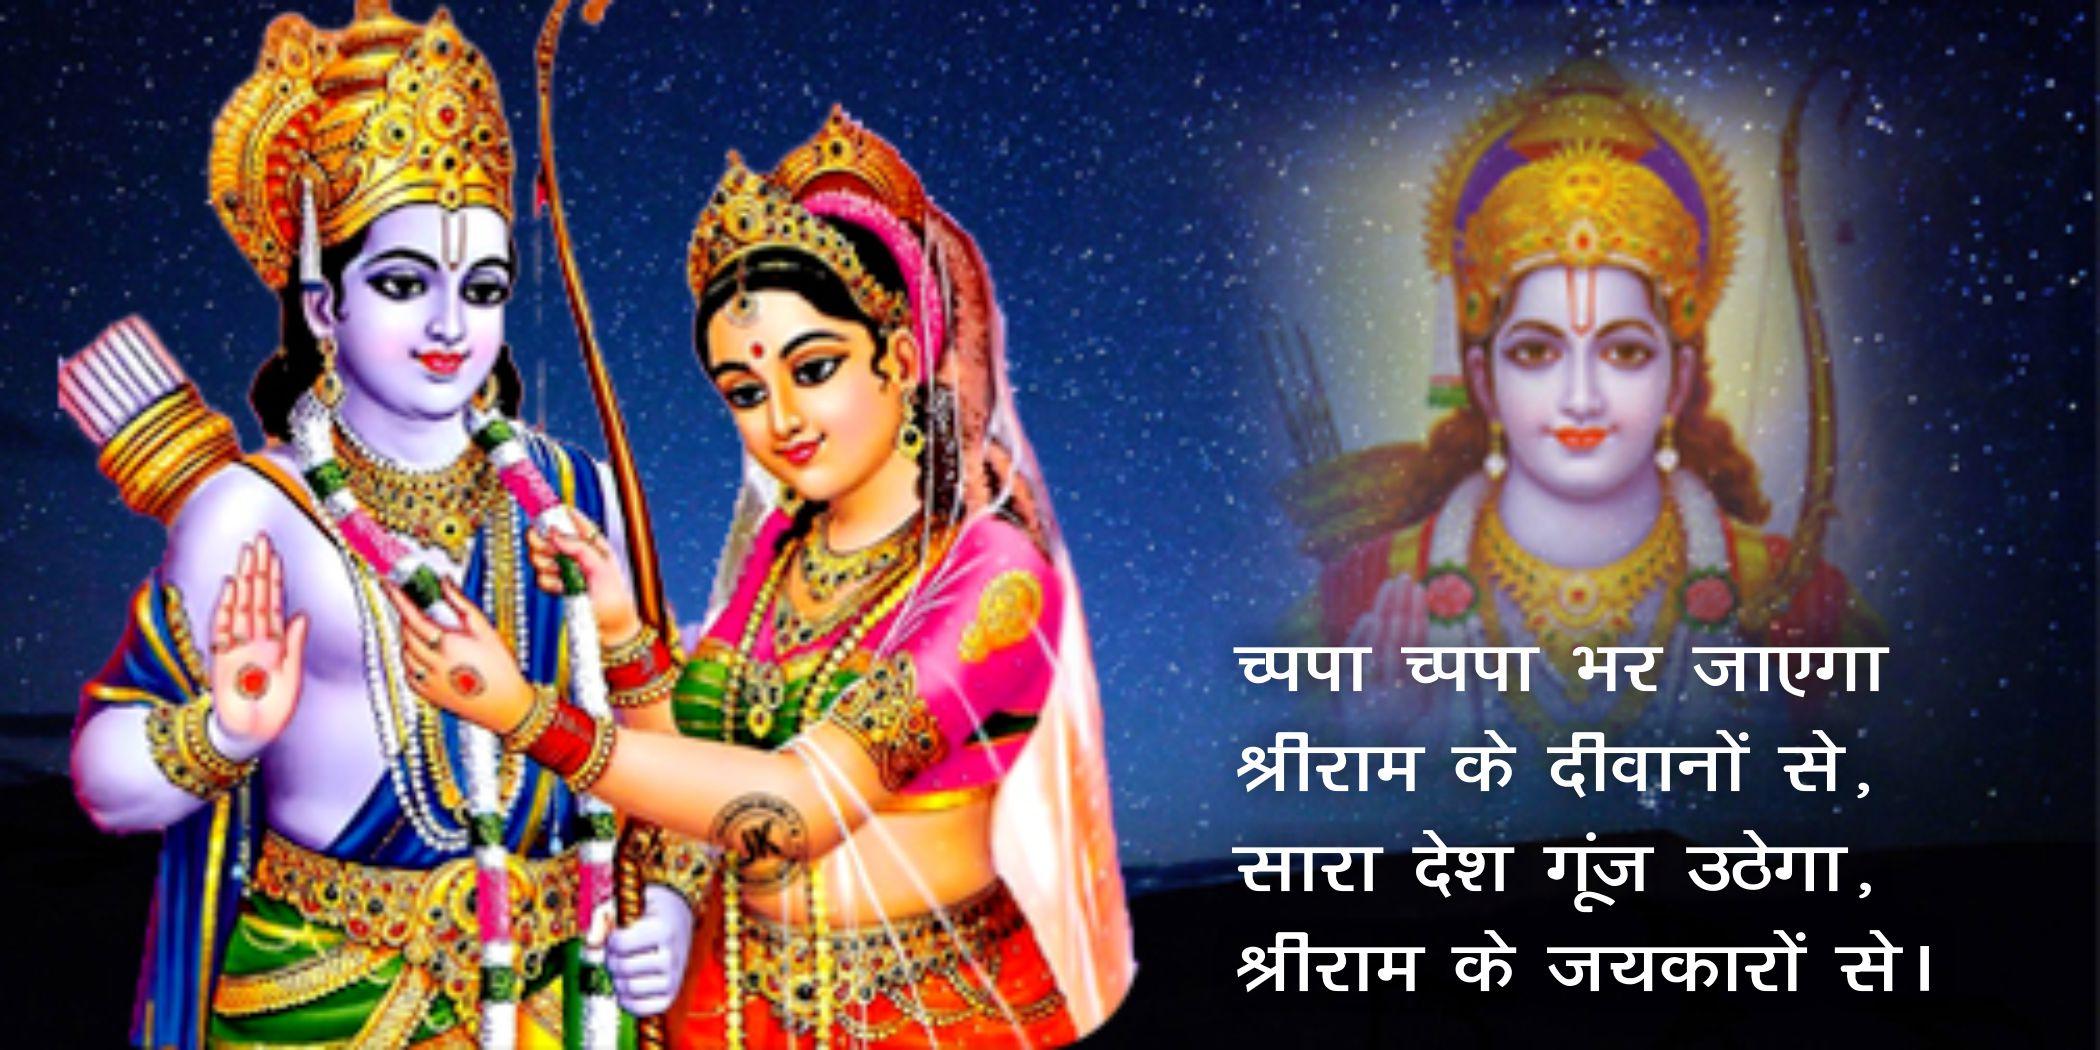 bhagwan shree ram whatsapp status wallpaper and images